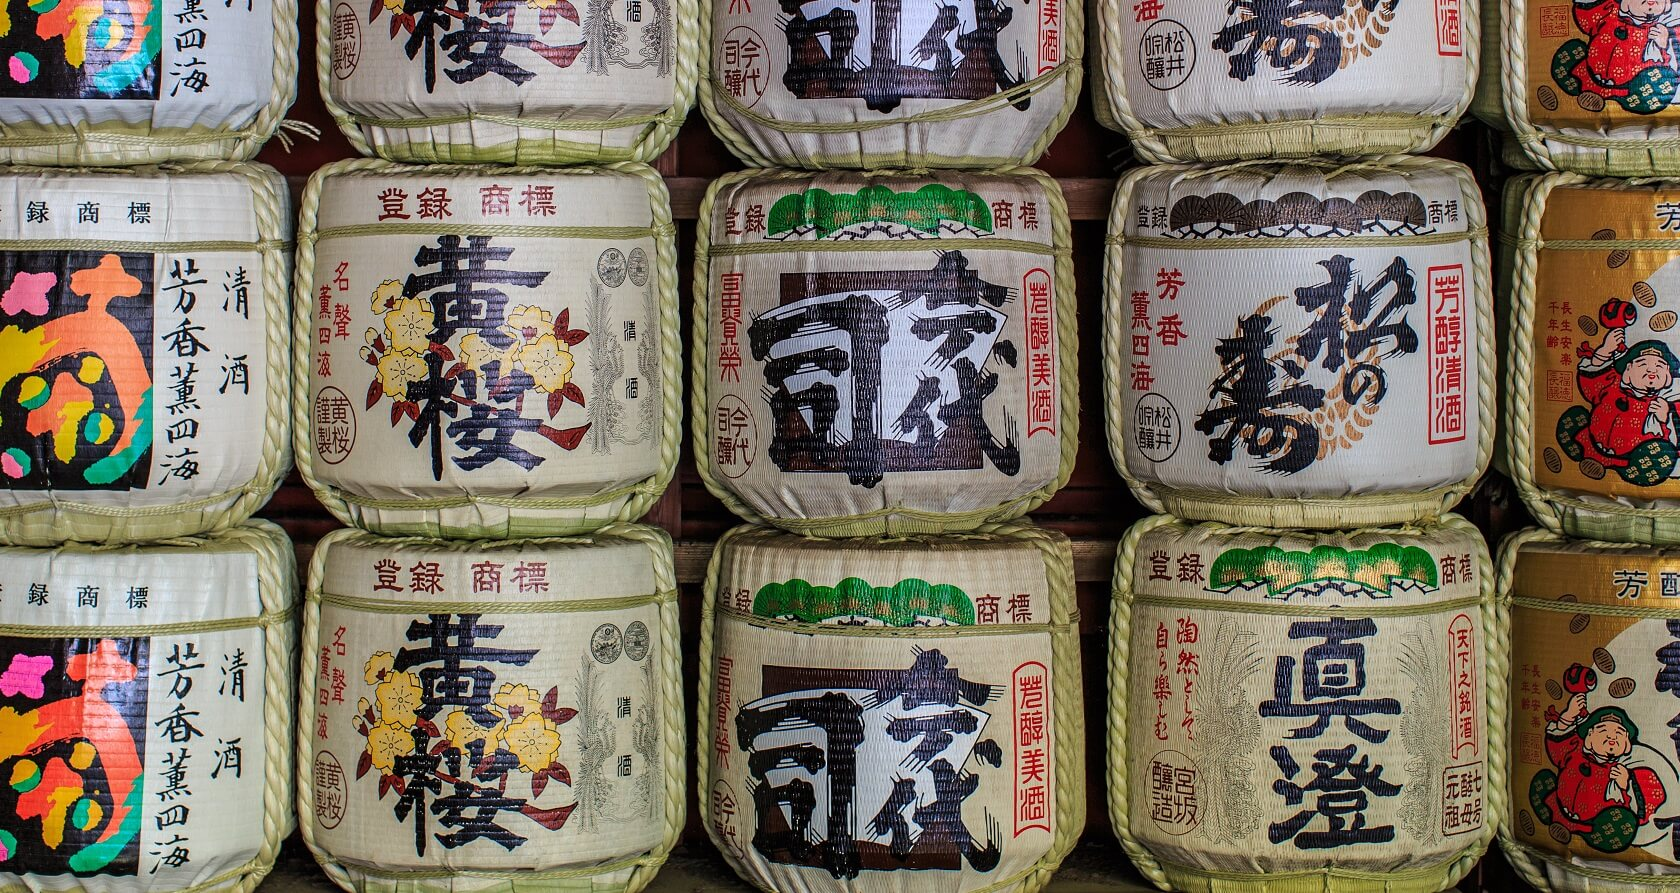 Kyoto Sake Museum